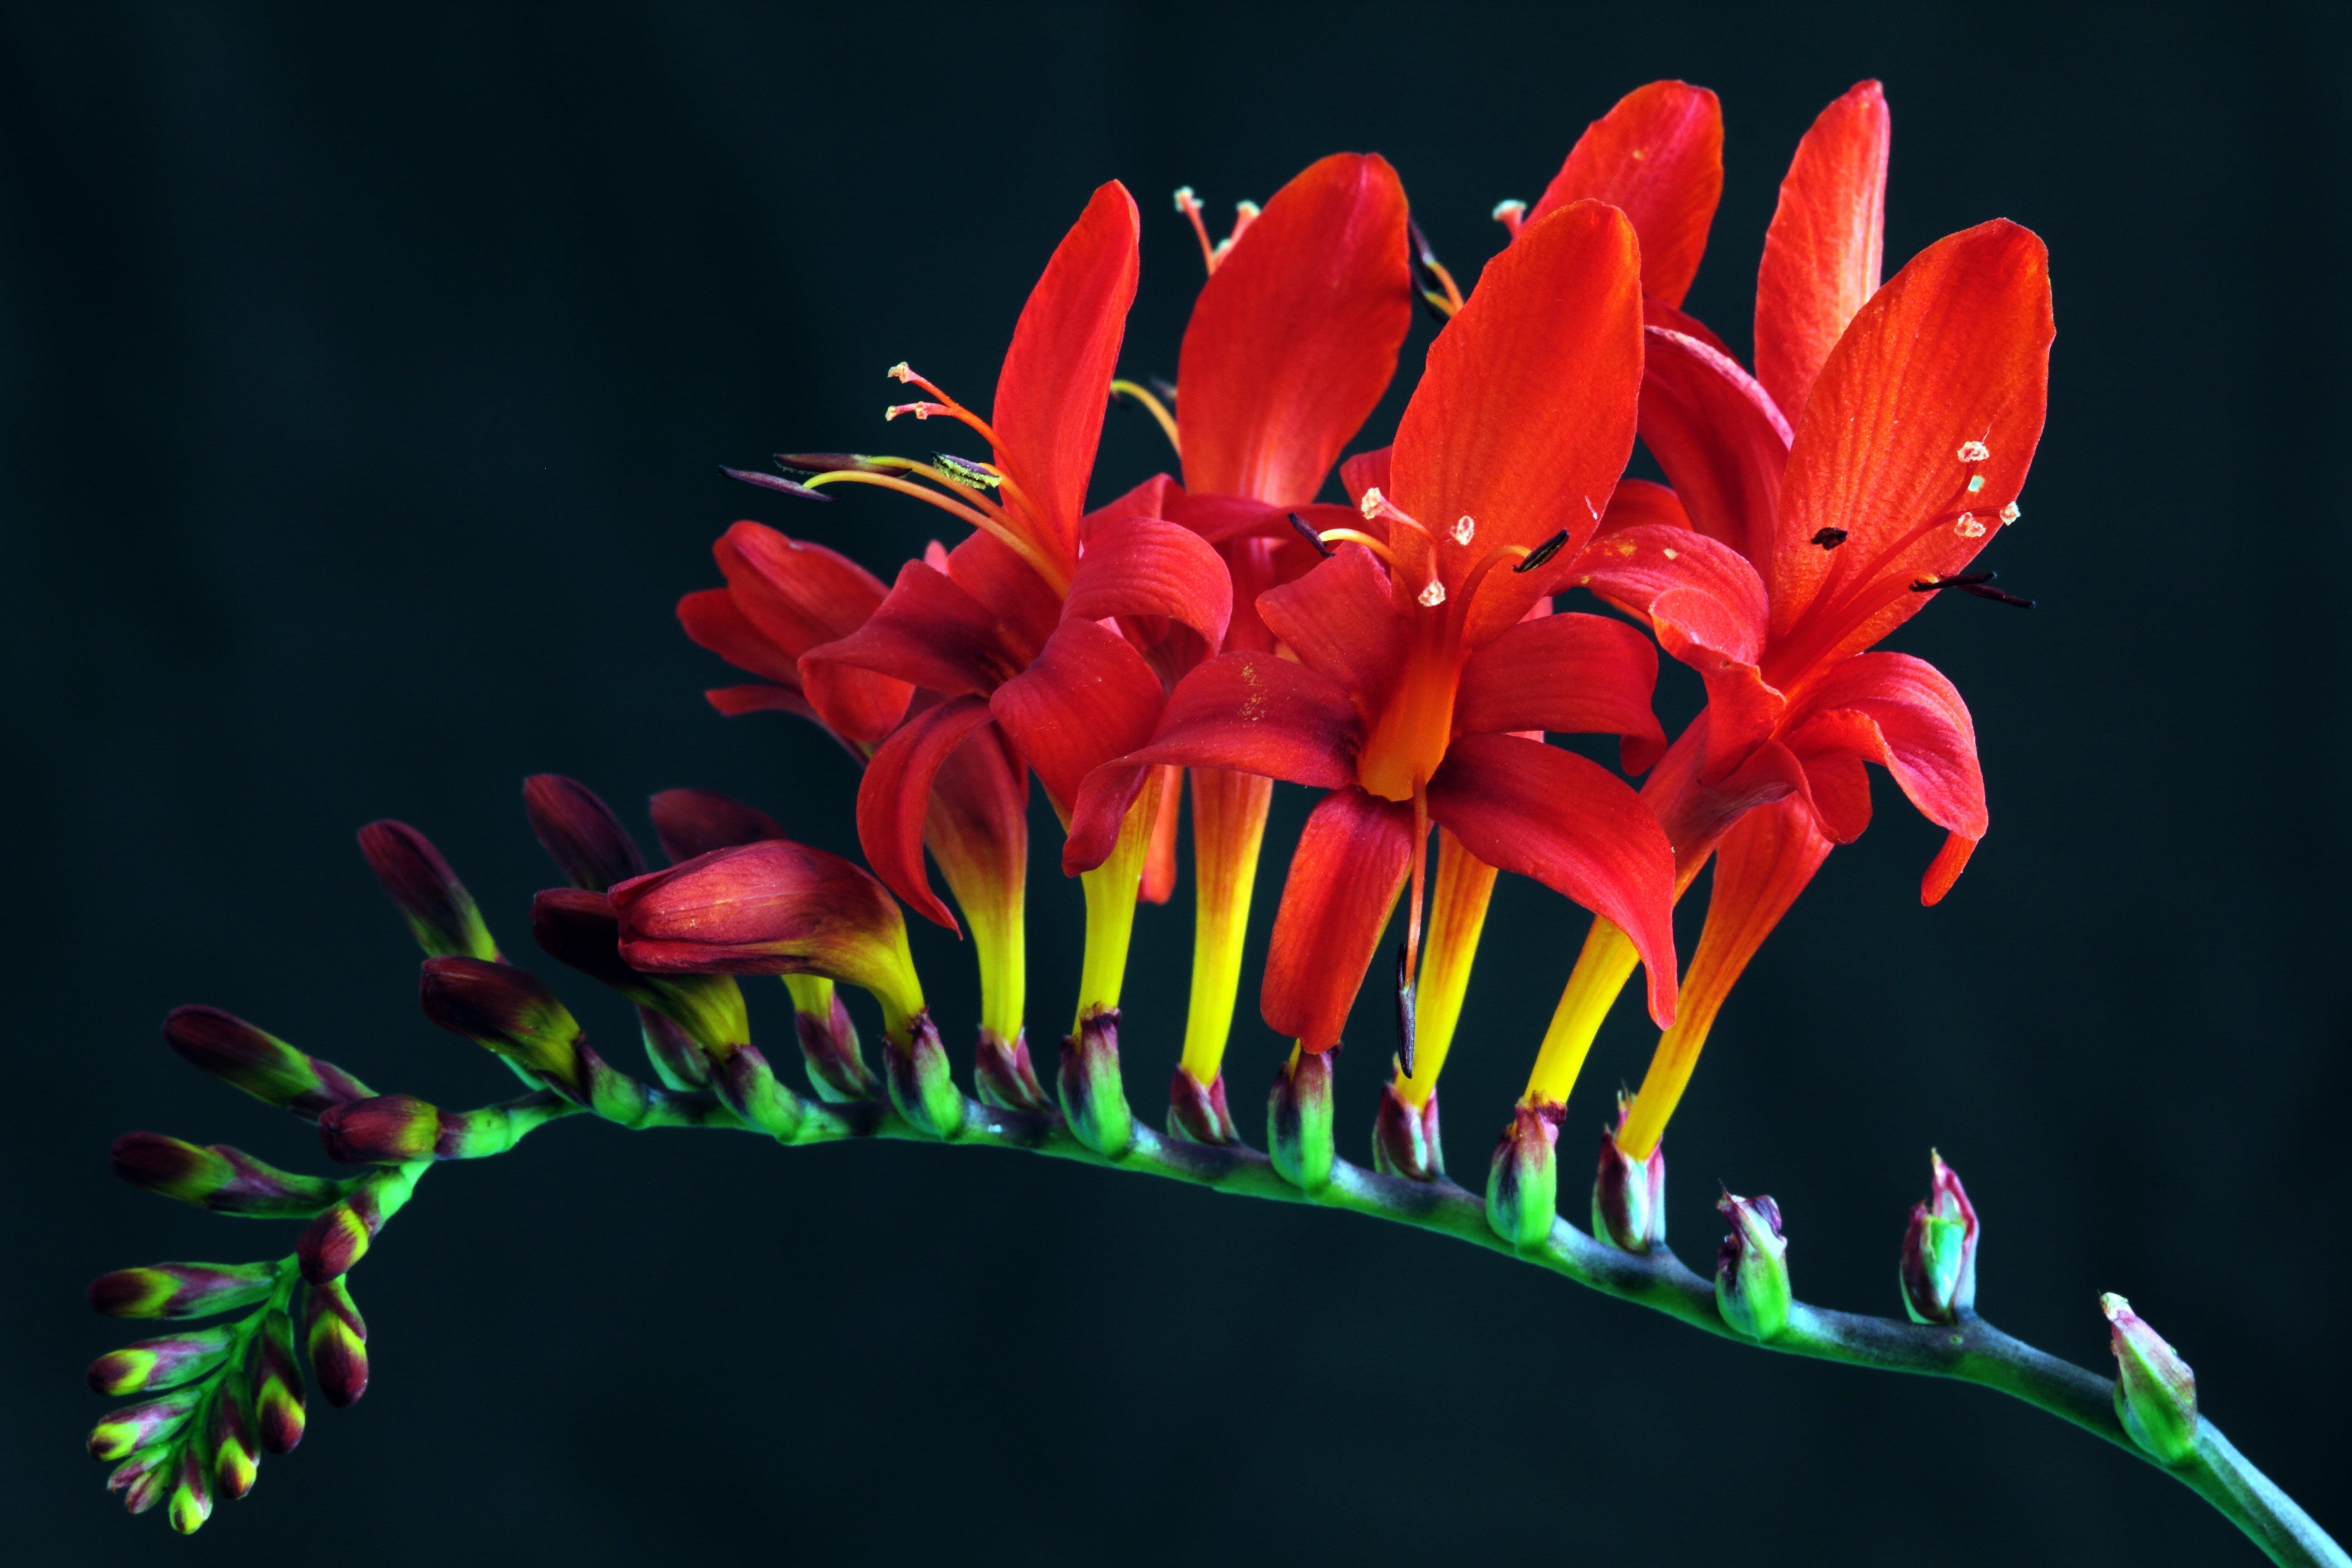 barevný, barvy, botanický